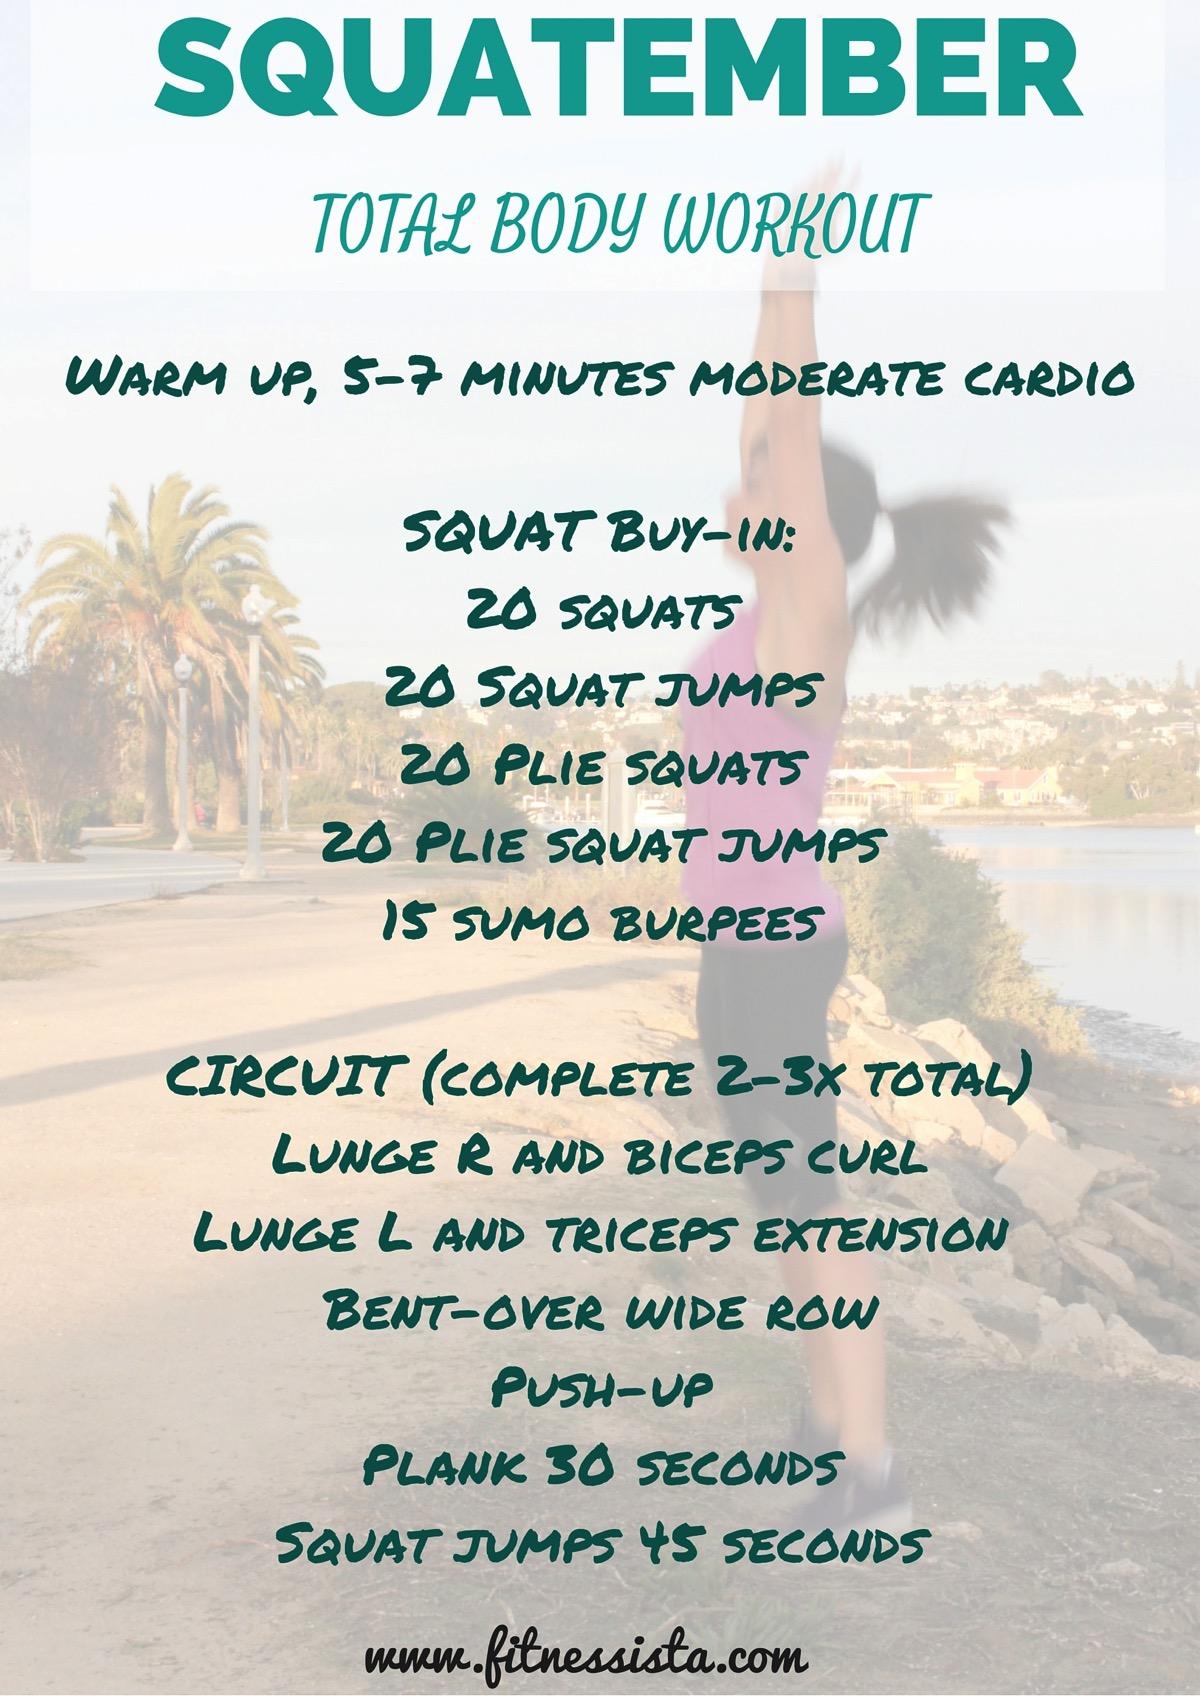 Squatember workout